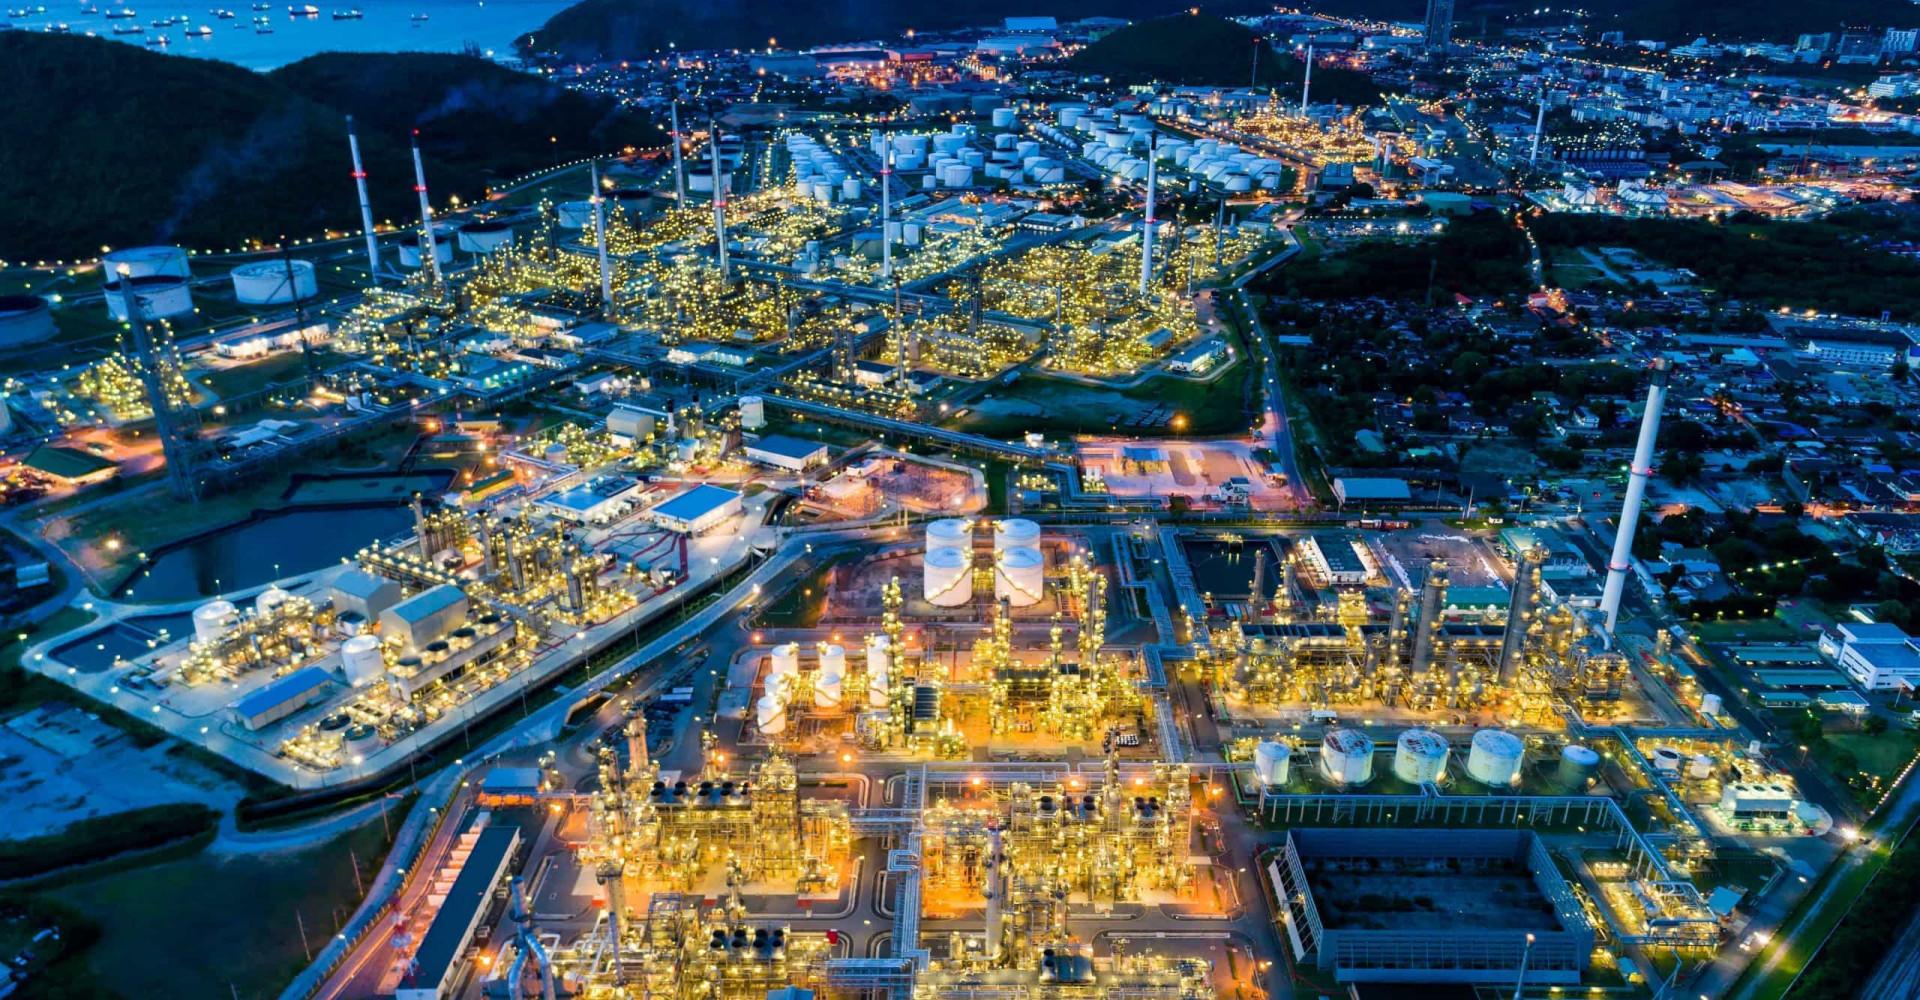 Teollisuuden toinen puoli: kauniit kuvat tehdasympäristöistä